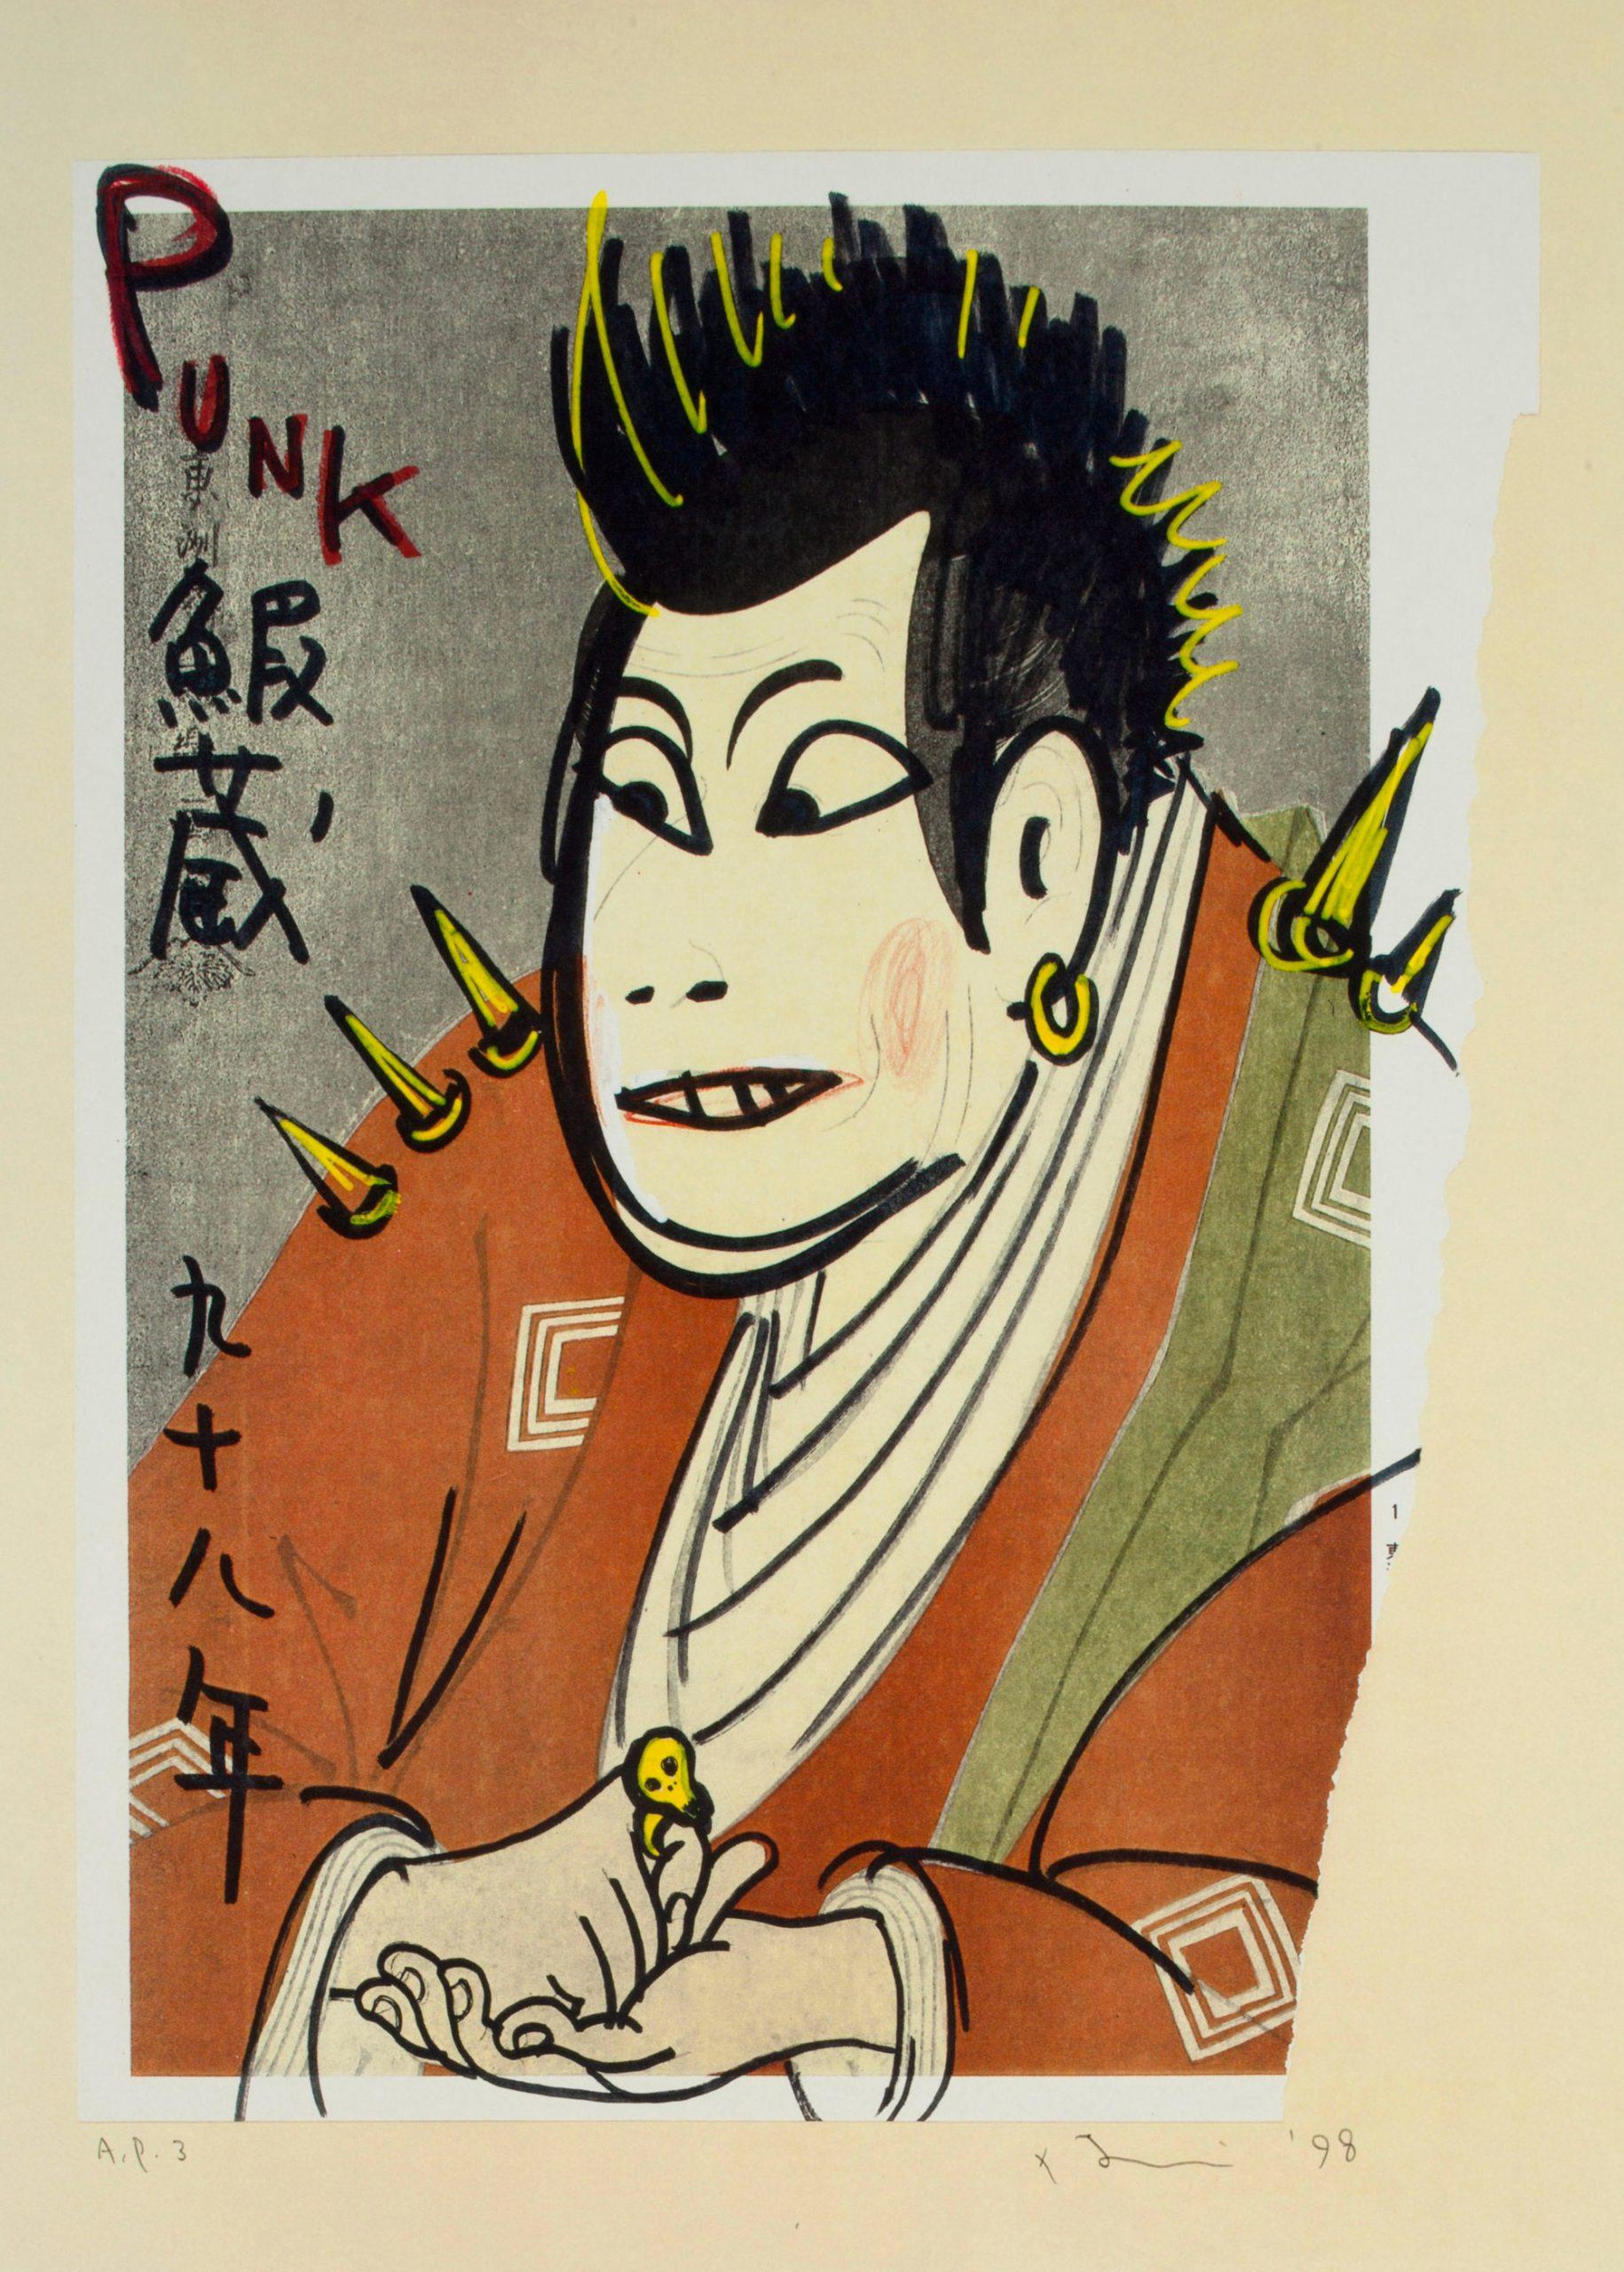 Punk ebizou by Yoshitomo Nara